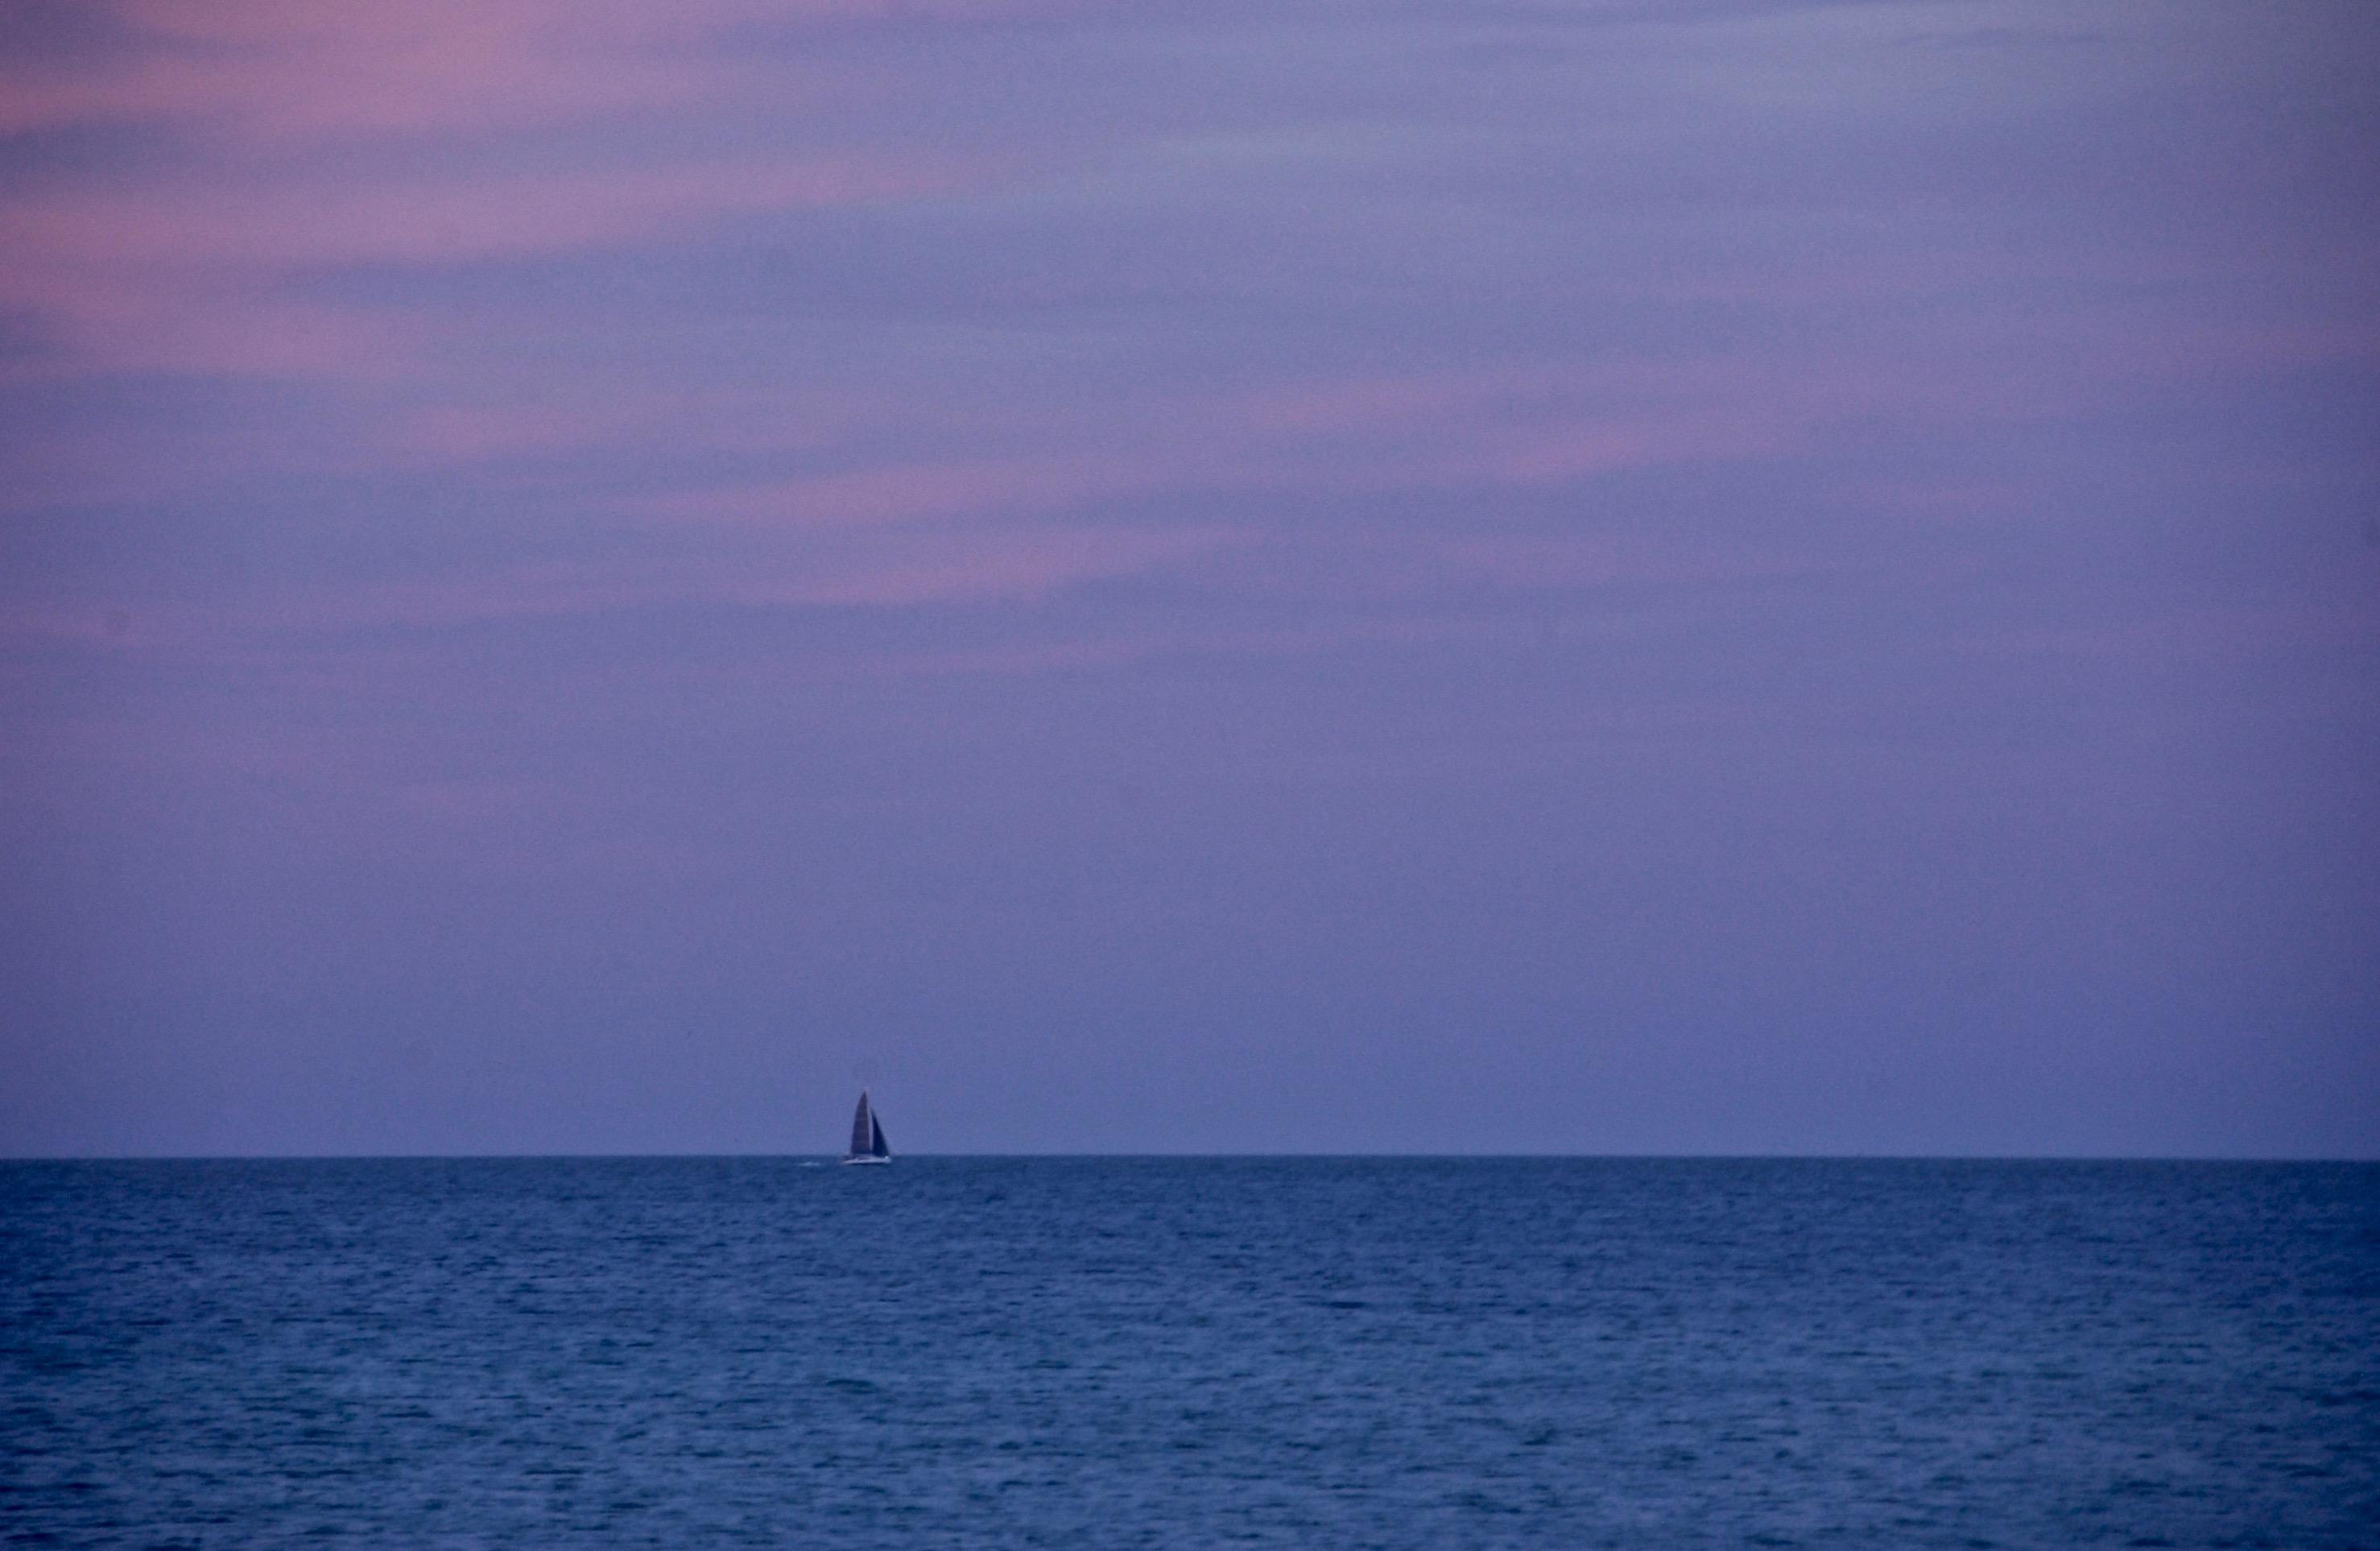 Heading for Port at Sunset; Edgartown, Martha's Vineyard, Massachusetts, USA